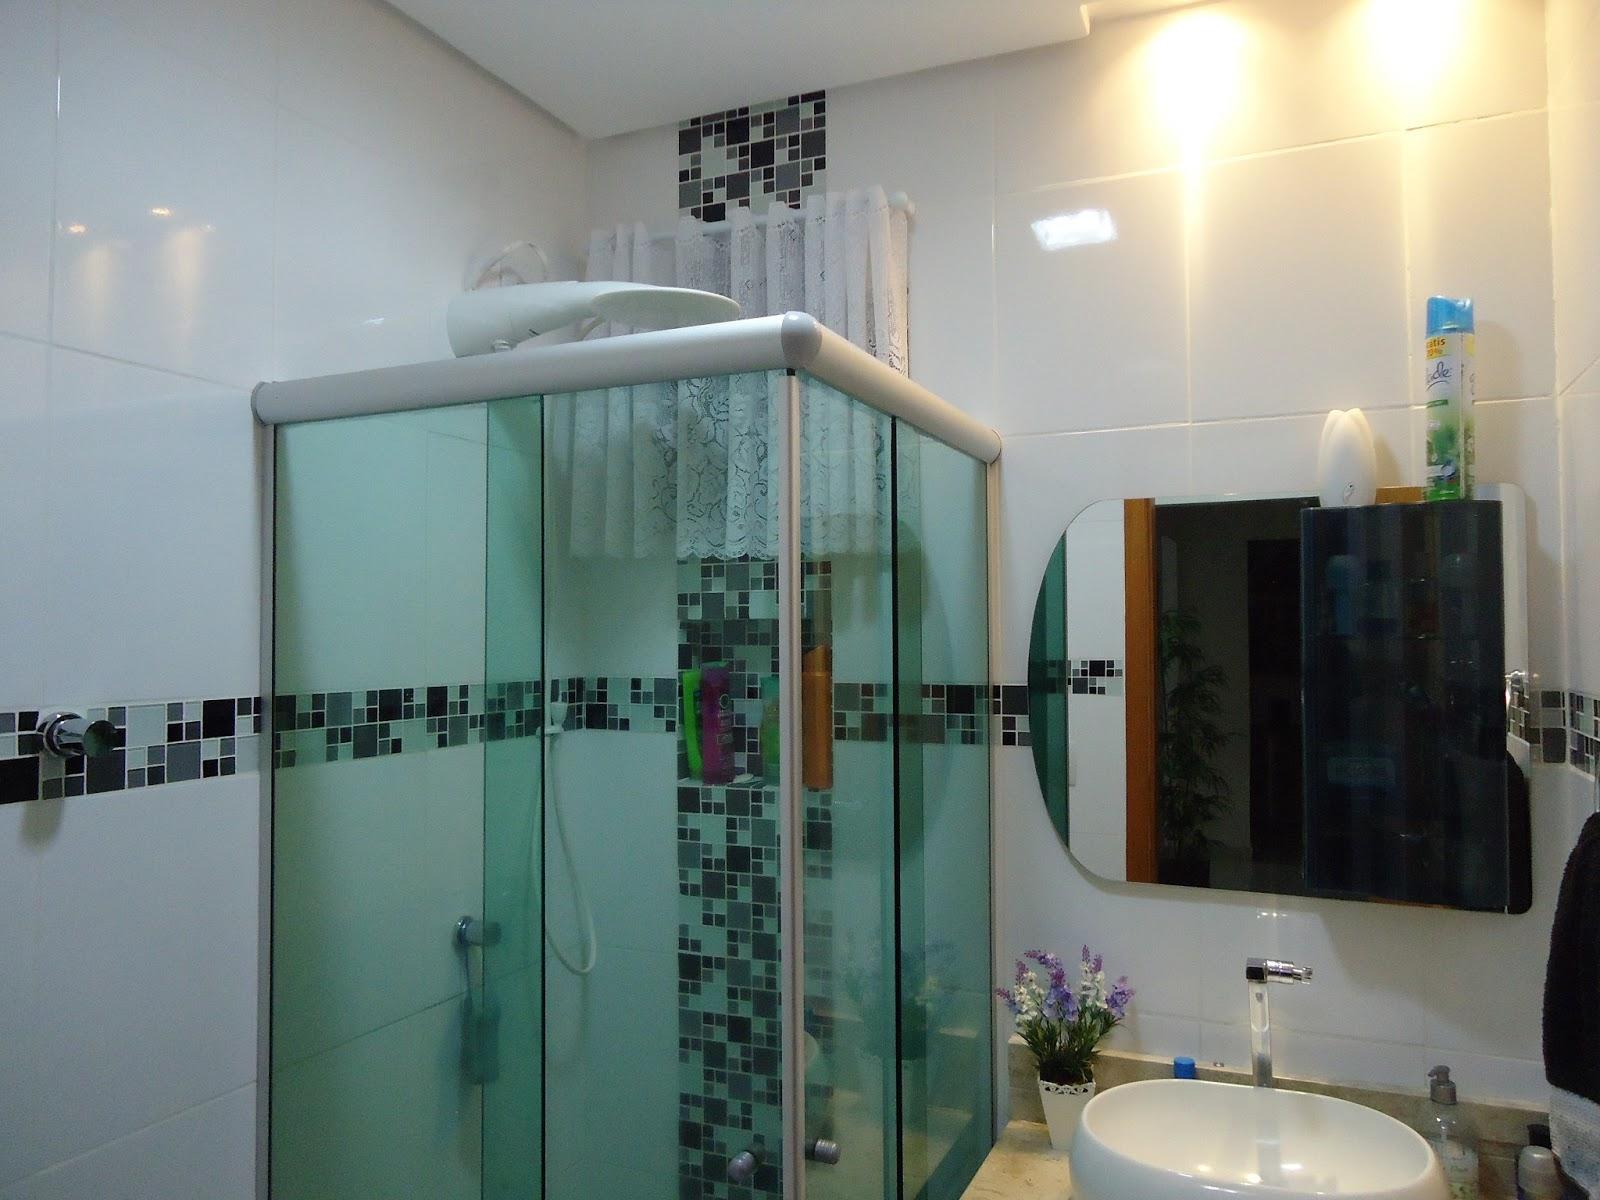 Realizando a Reforma: O Antes e o depois de um pequeno banheiro  #846E47 1600x1200 Antes E Depois De Banheiros Pequenos